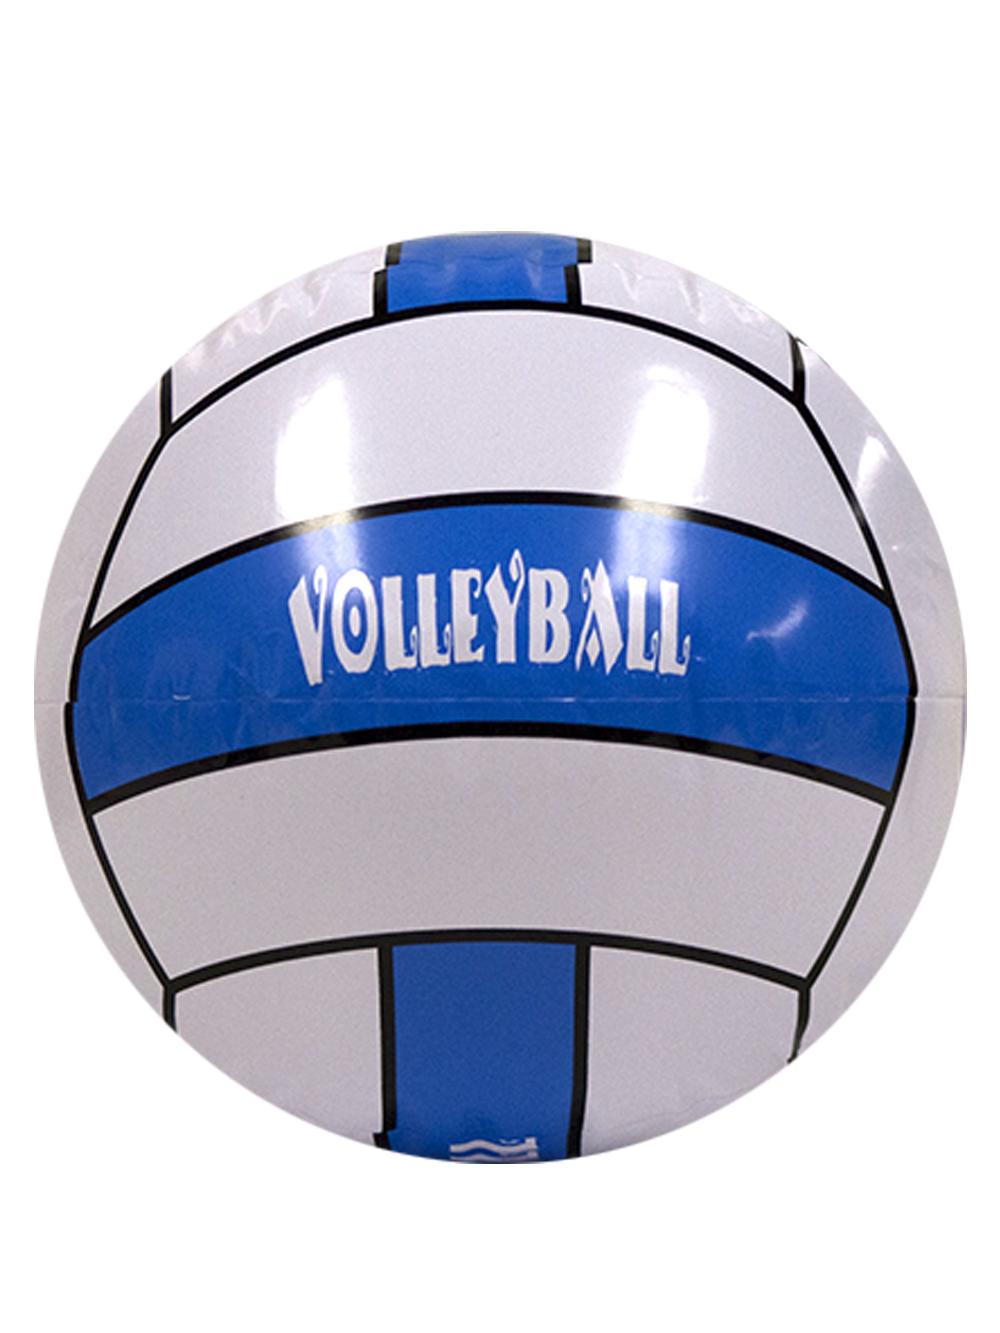 Volleyball Beach Ball